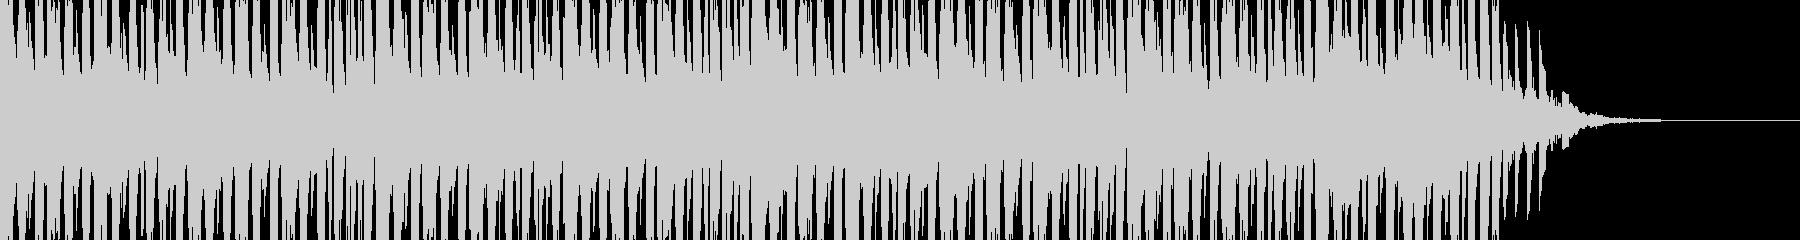 緊迫したビート ドラマティックなピアノの未再生の波形